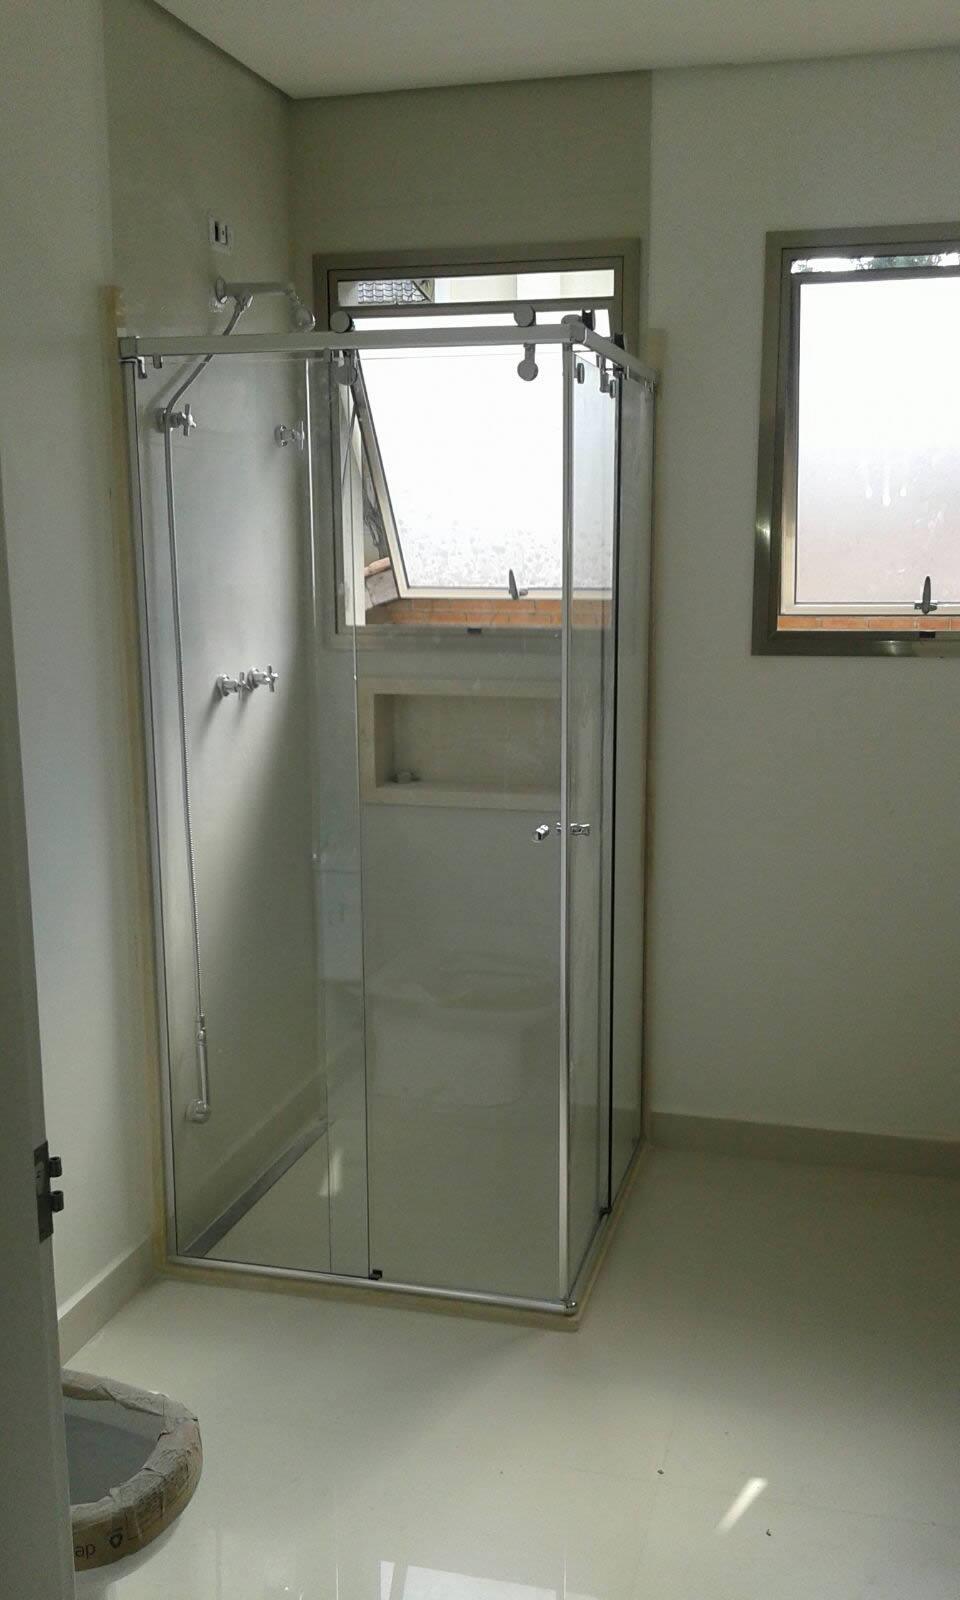 Box de Vidro em SP Box de Banheiro na Zona Oeste Box de Vidro na  #4C7F6A 1252x1244 Banheiro Container Sp